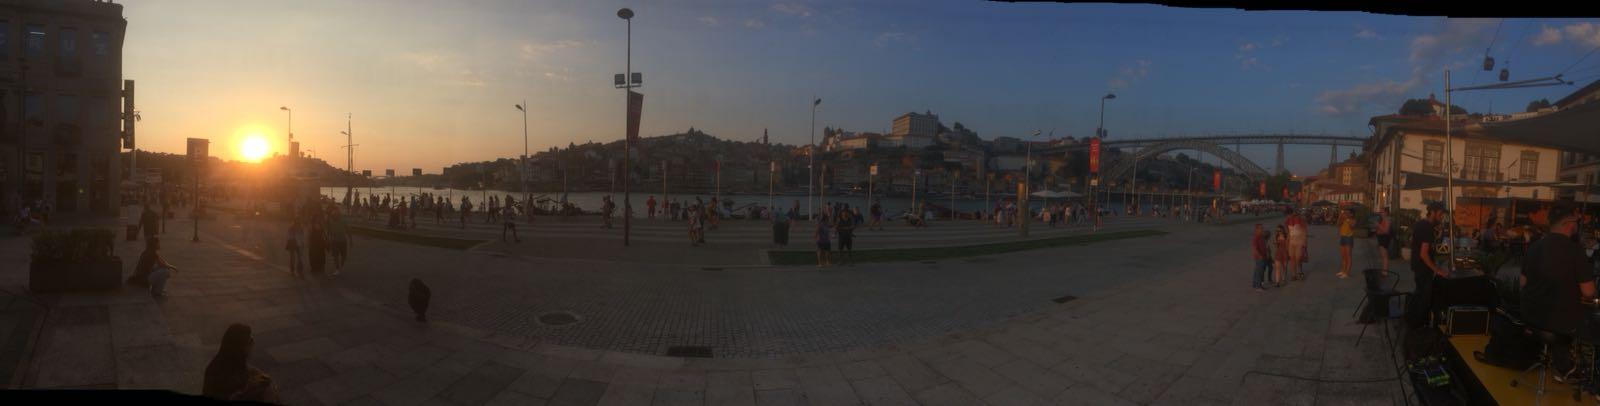 porto_2018-29